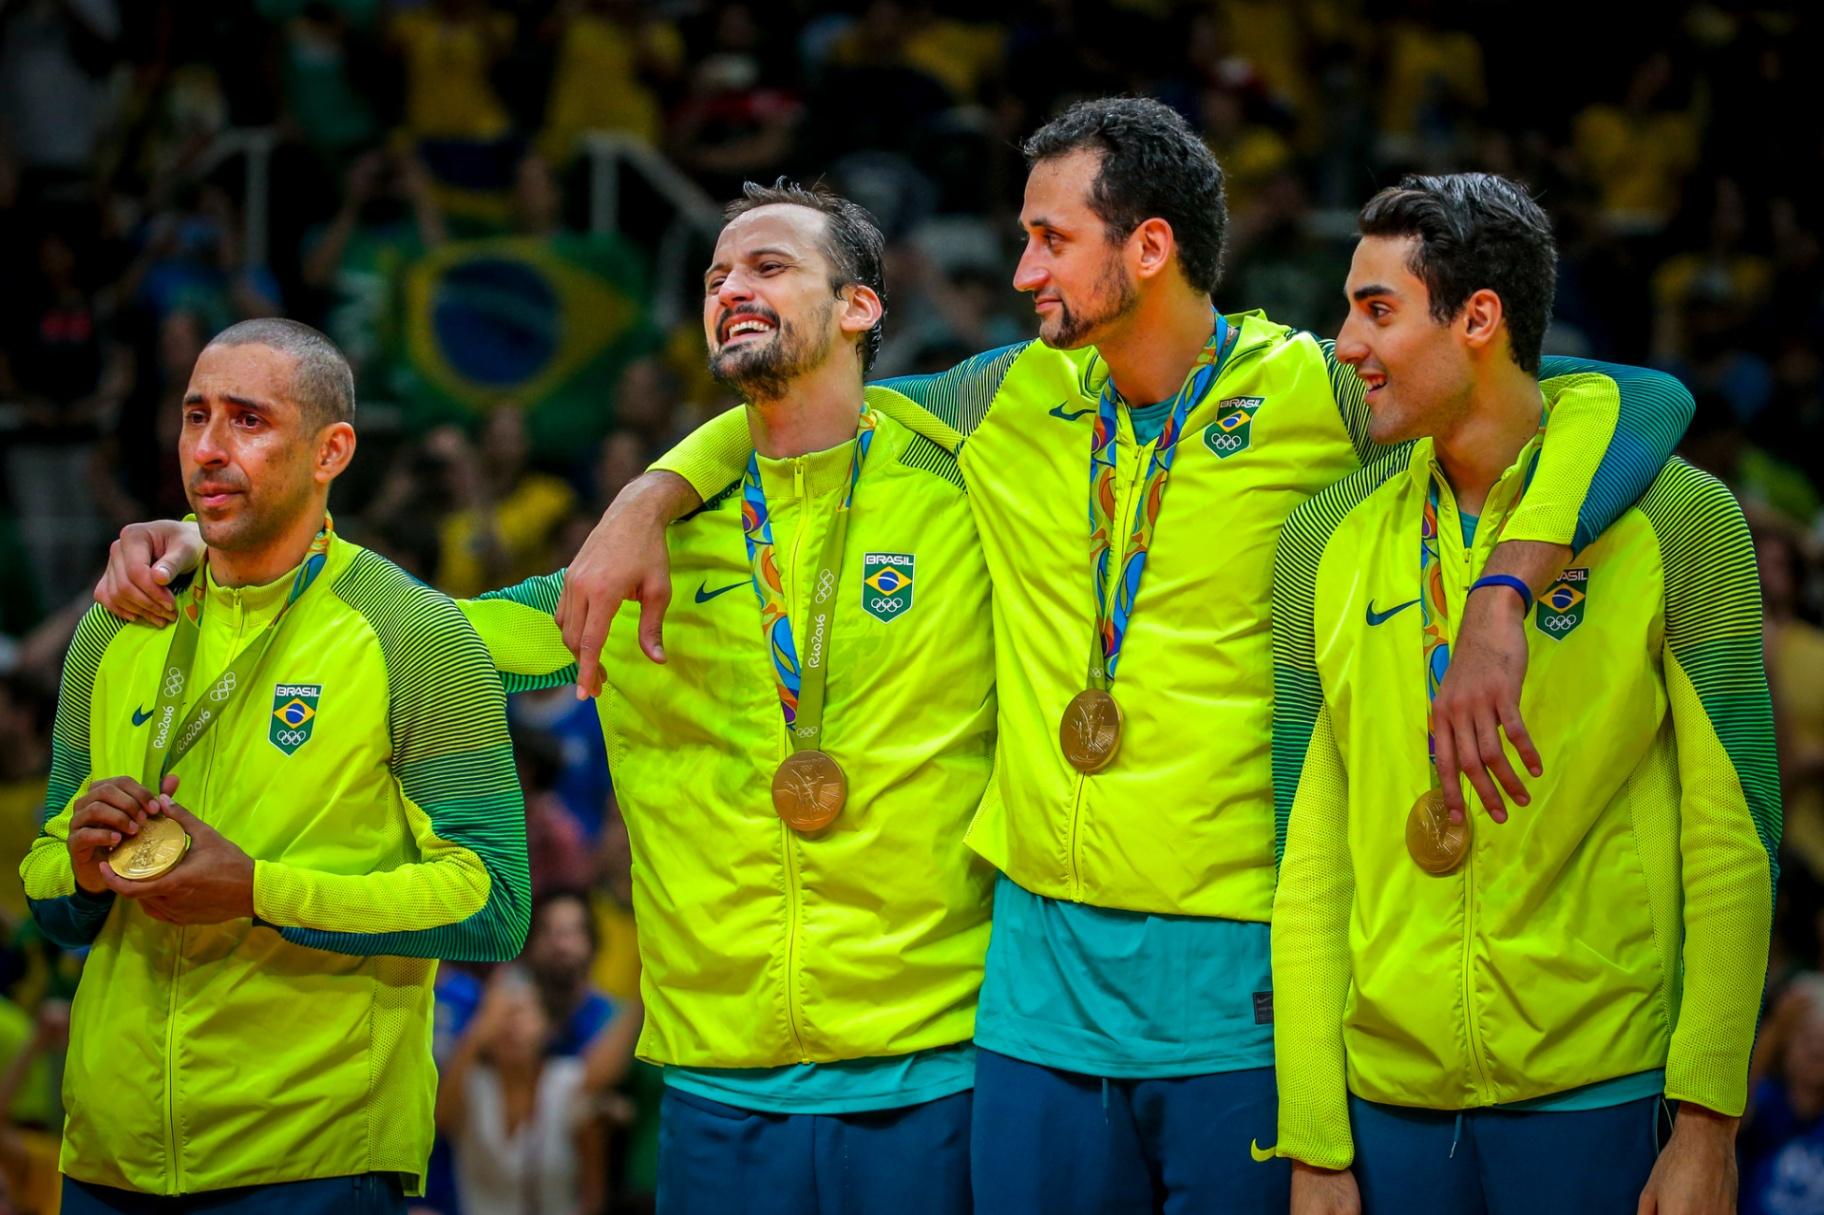 Os 7 atletas brasileiros com mais medalhas olímpicas